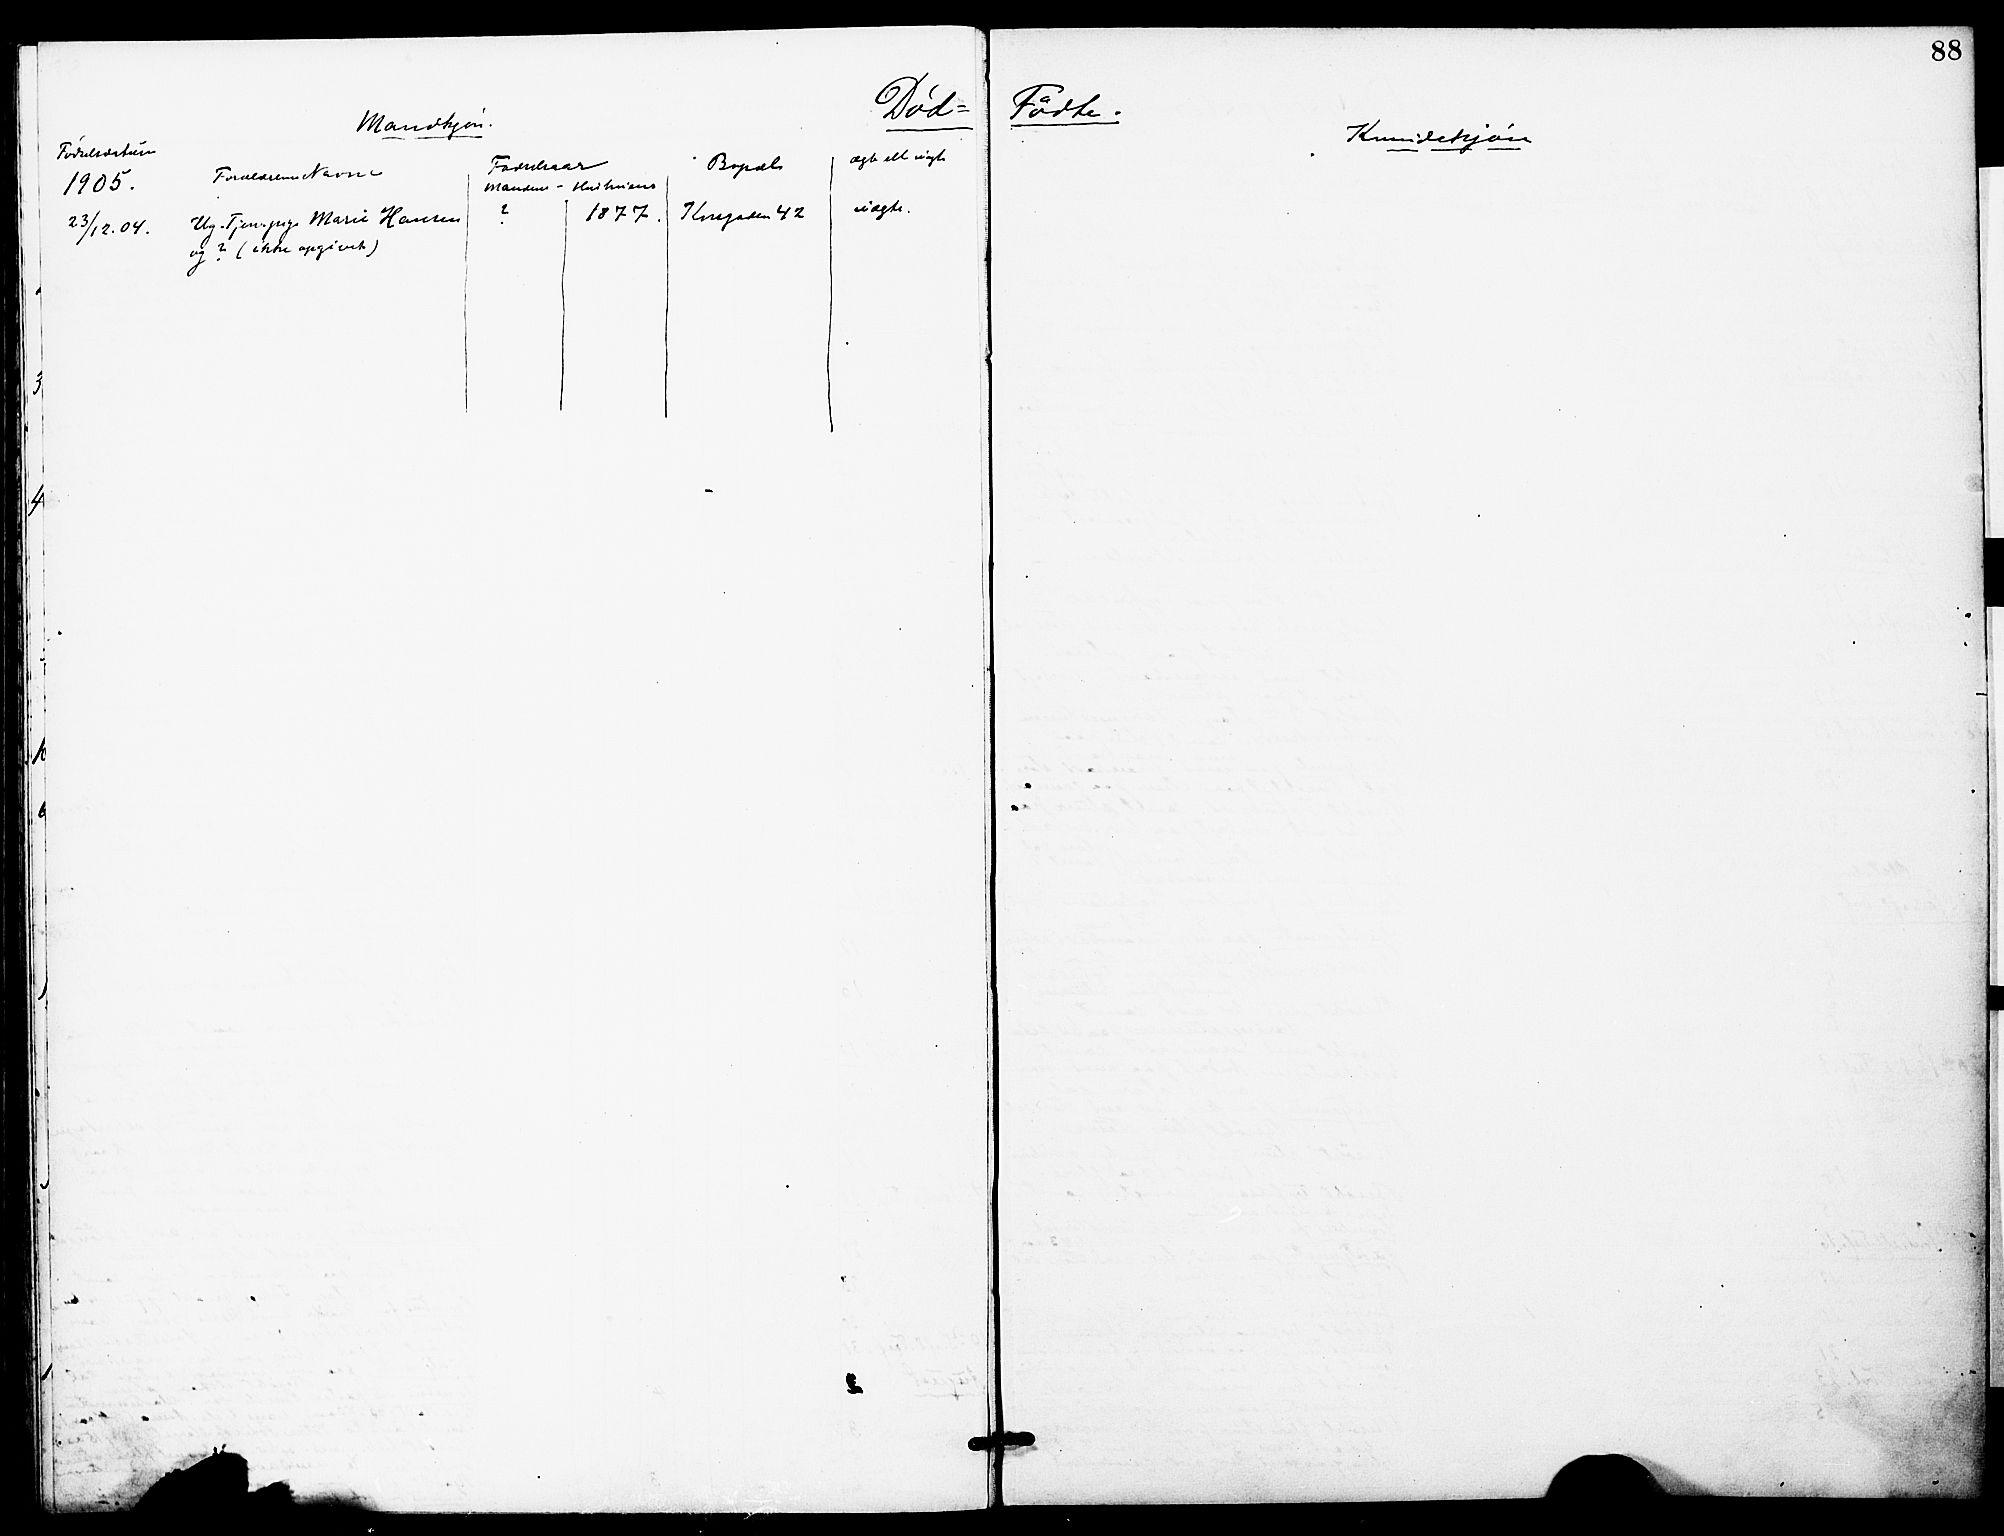 SAT, Ministerialprotokoller, klokkerbøker og fødselsregistre - Sør-Trøndelag, 628/L0483: Ministerialbok nr. 628A01, 1902-1920, s. 88